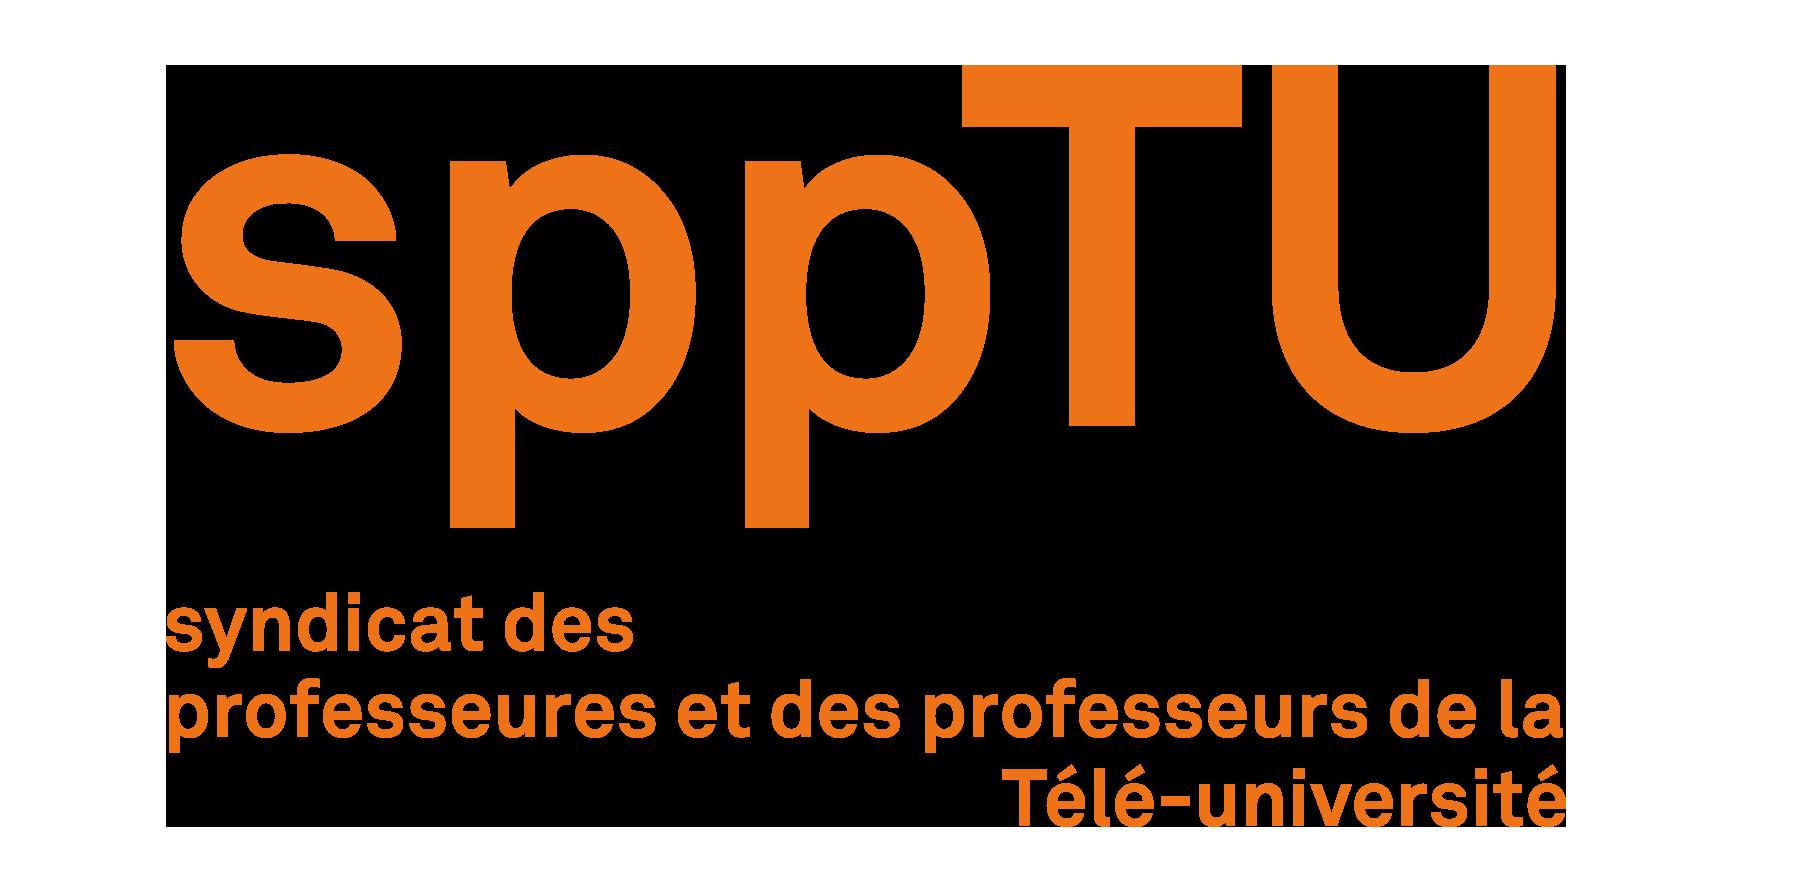 Syndicat des professeures et des professeurs de la Télé-université